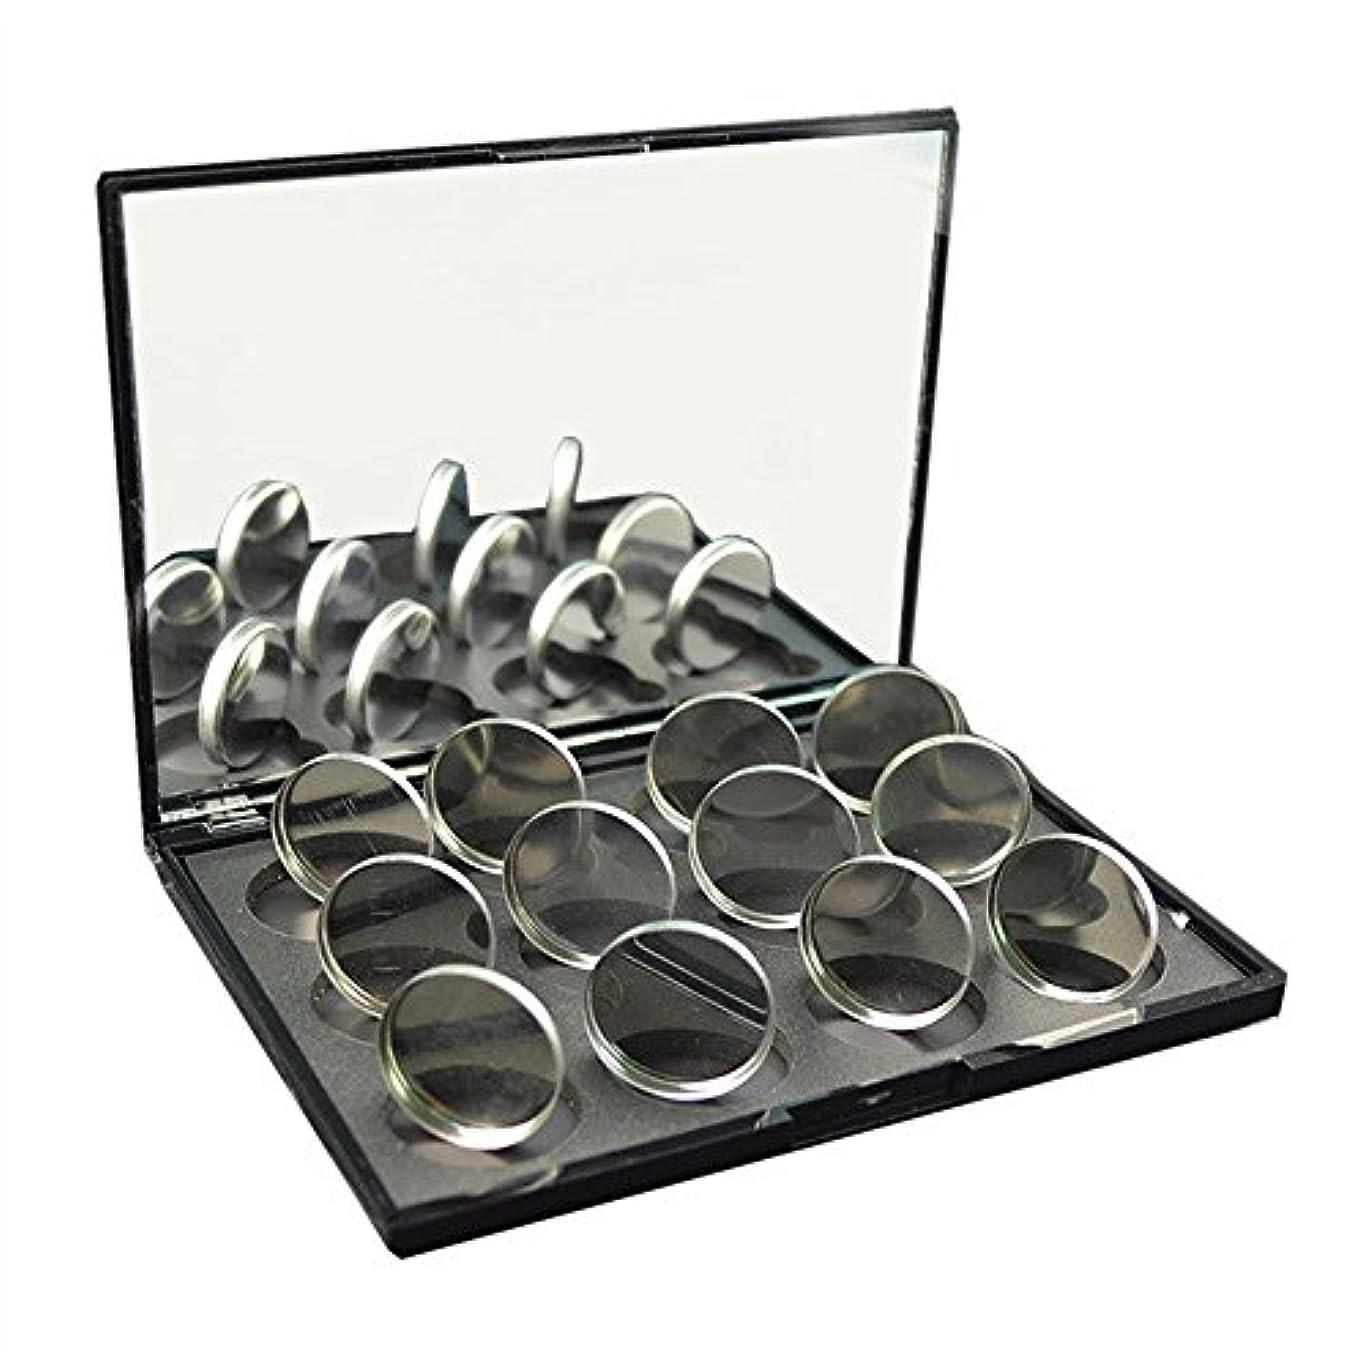 夫相互接続時間厳守磁石に敏感な粉のアイシャドウ26mmのための100pcs空の円形の錫鍋